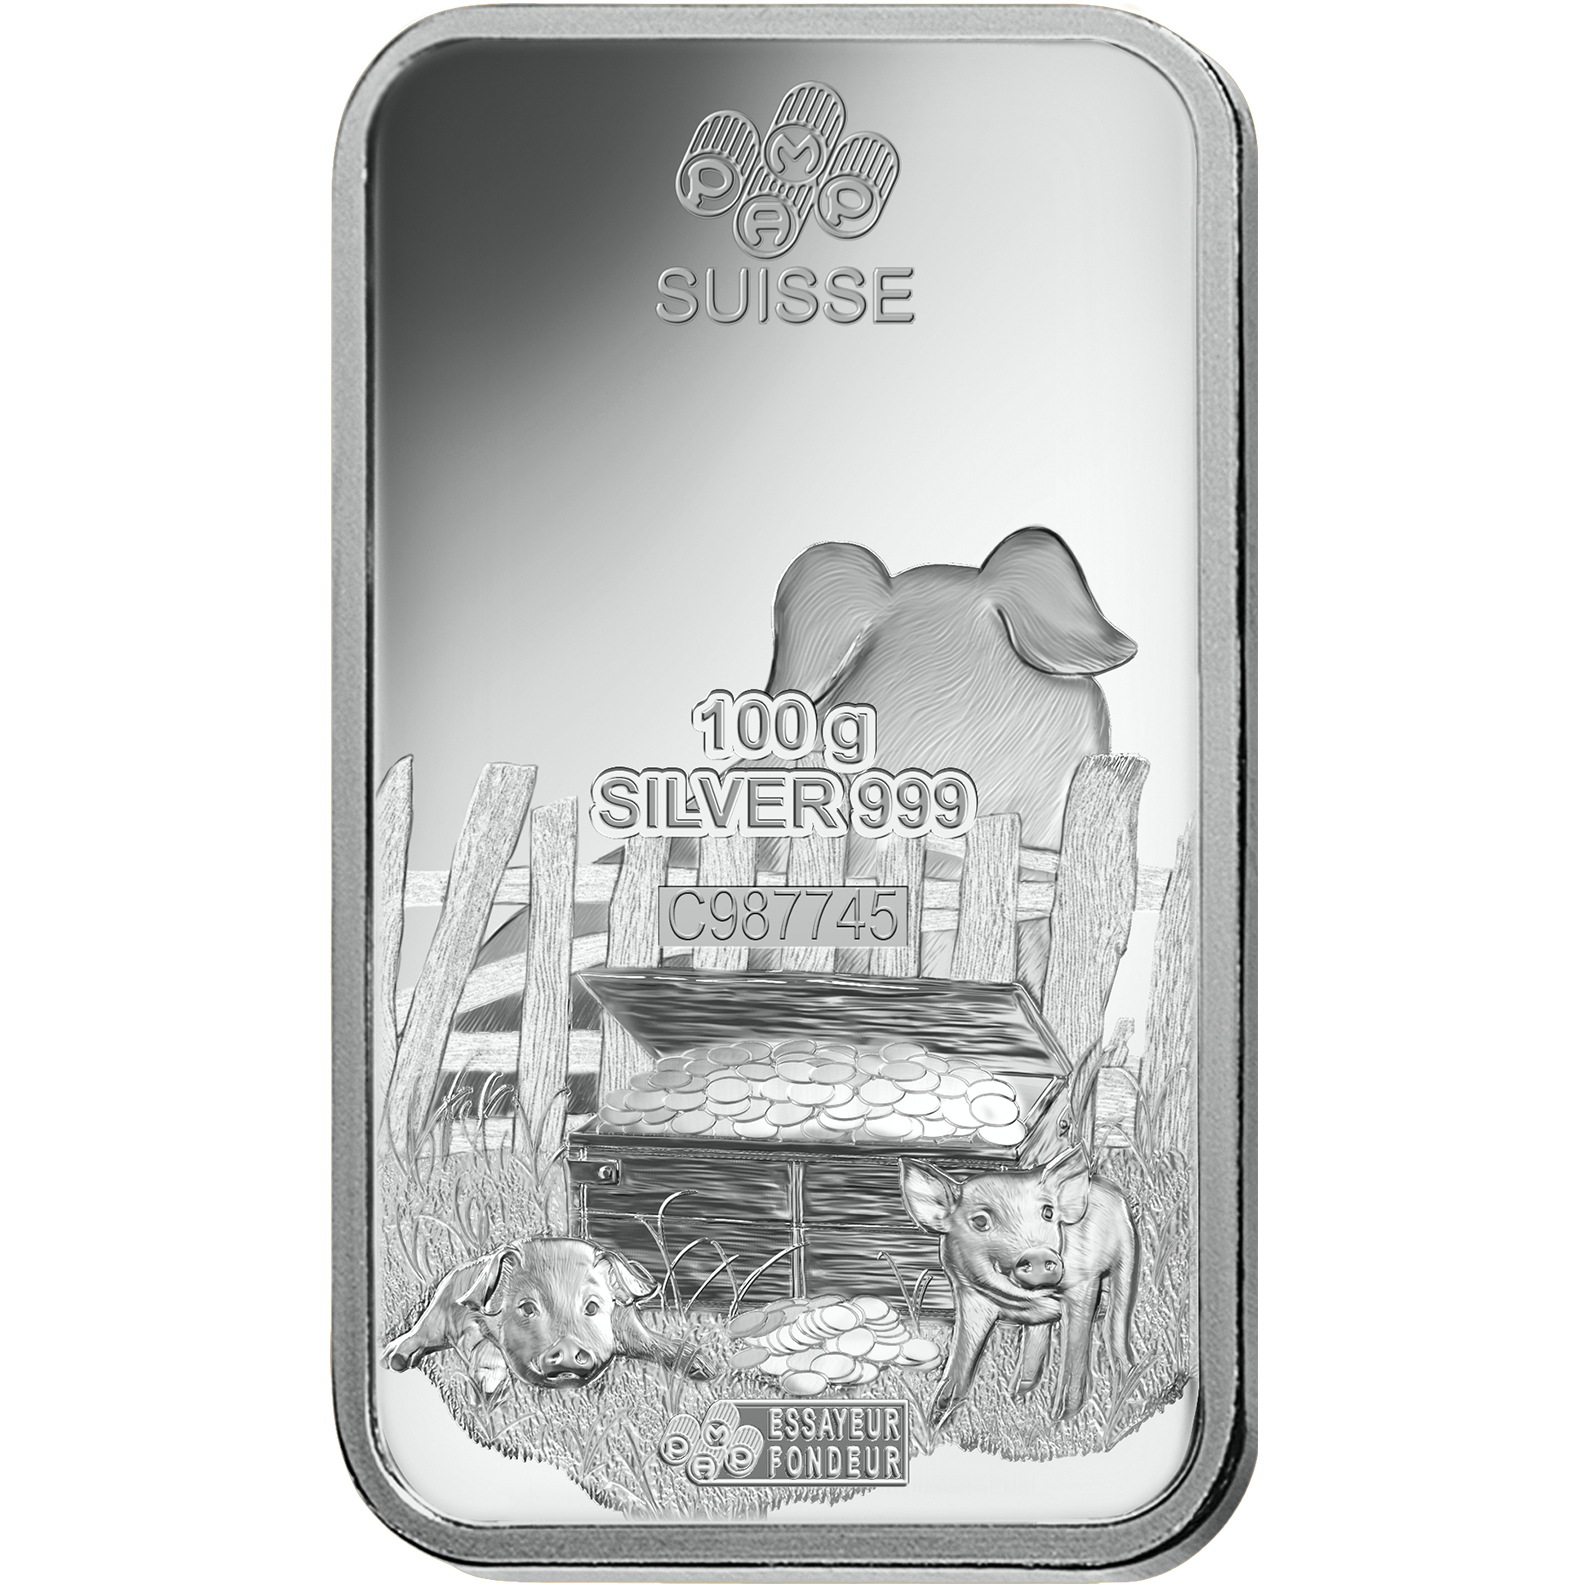 100 grammi lingottino d'argento puro 999.0 - PAMP Suisse Lunar Maiale